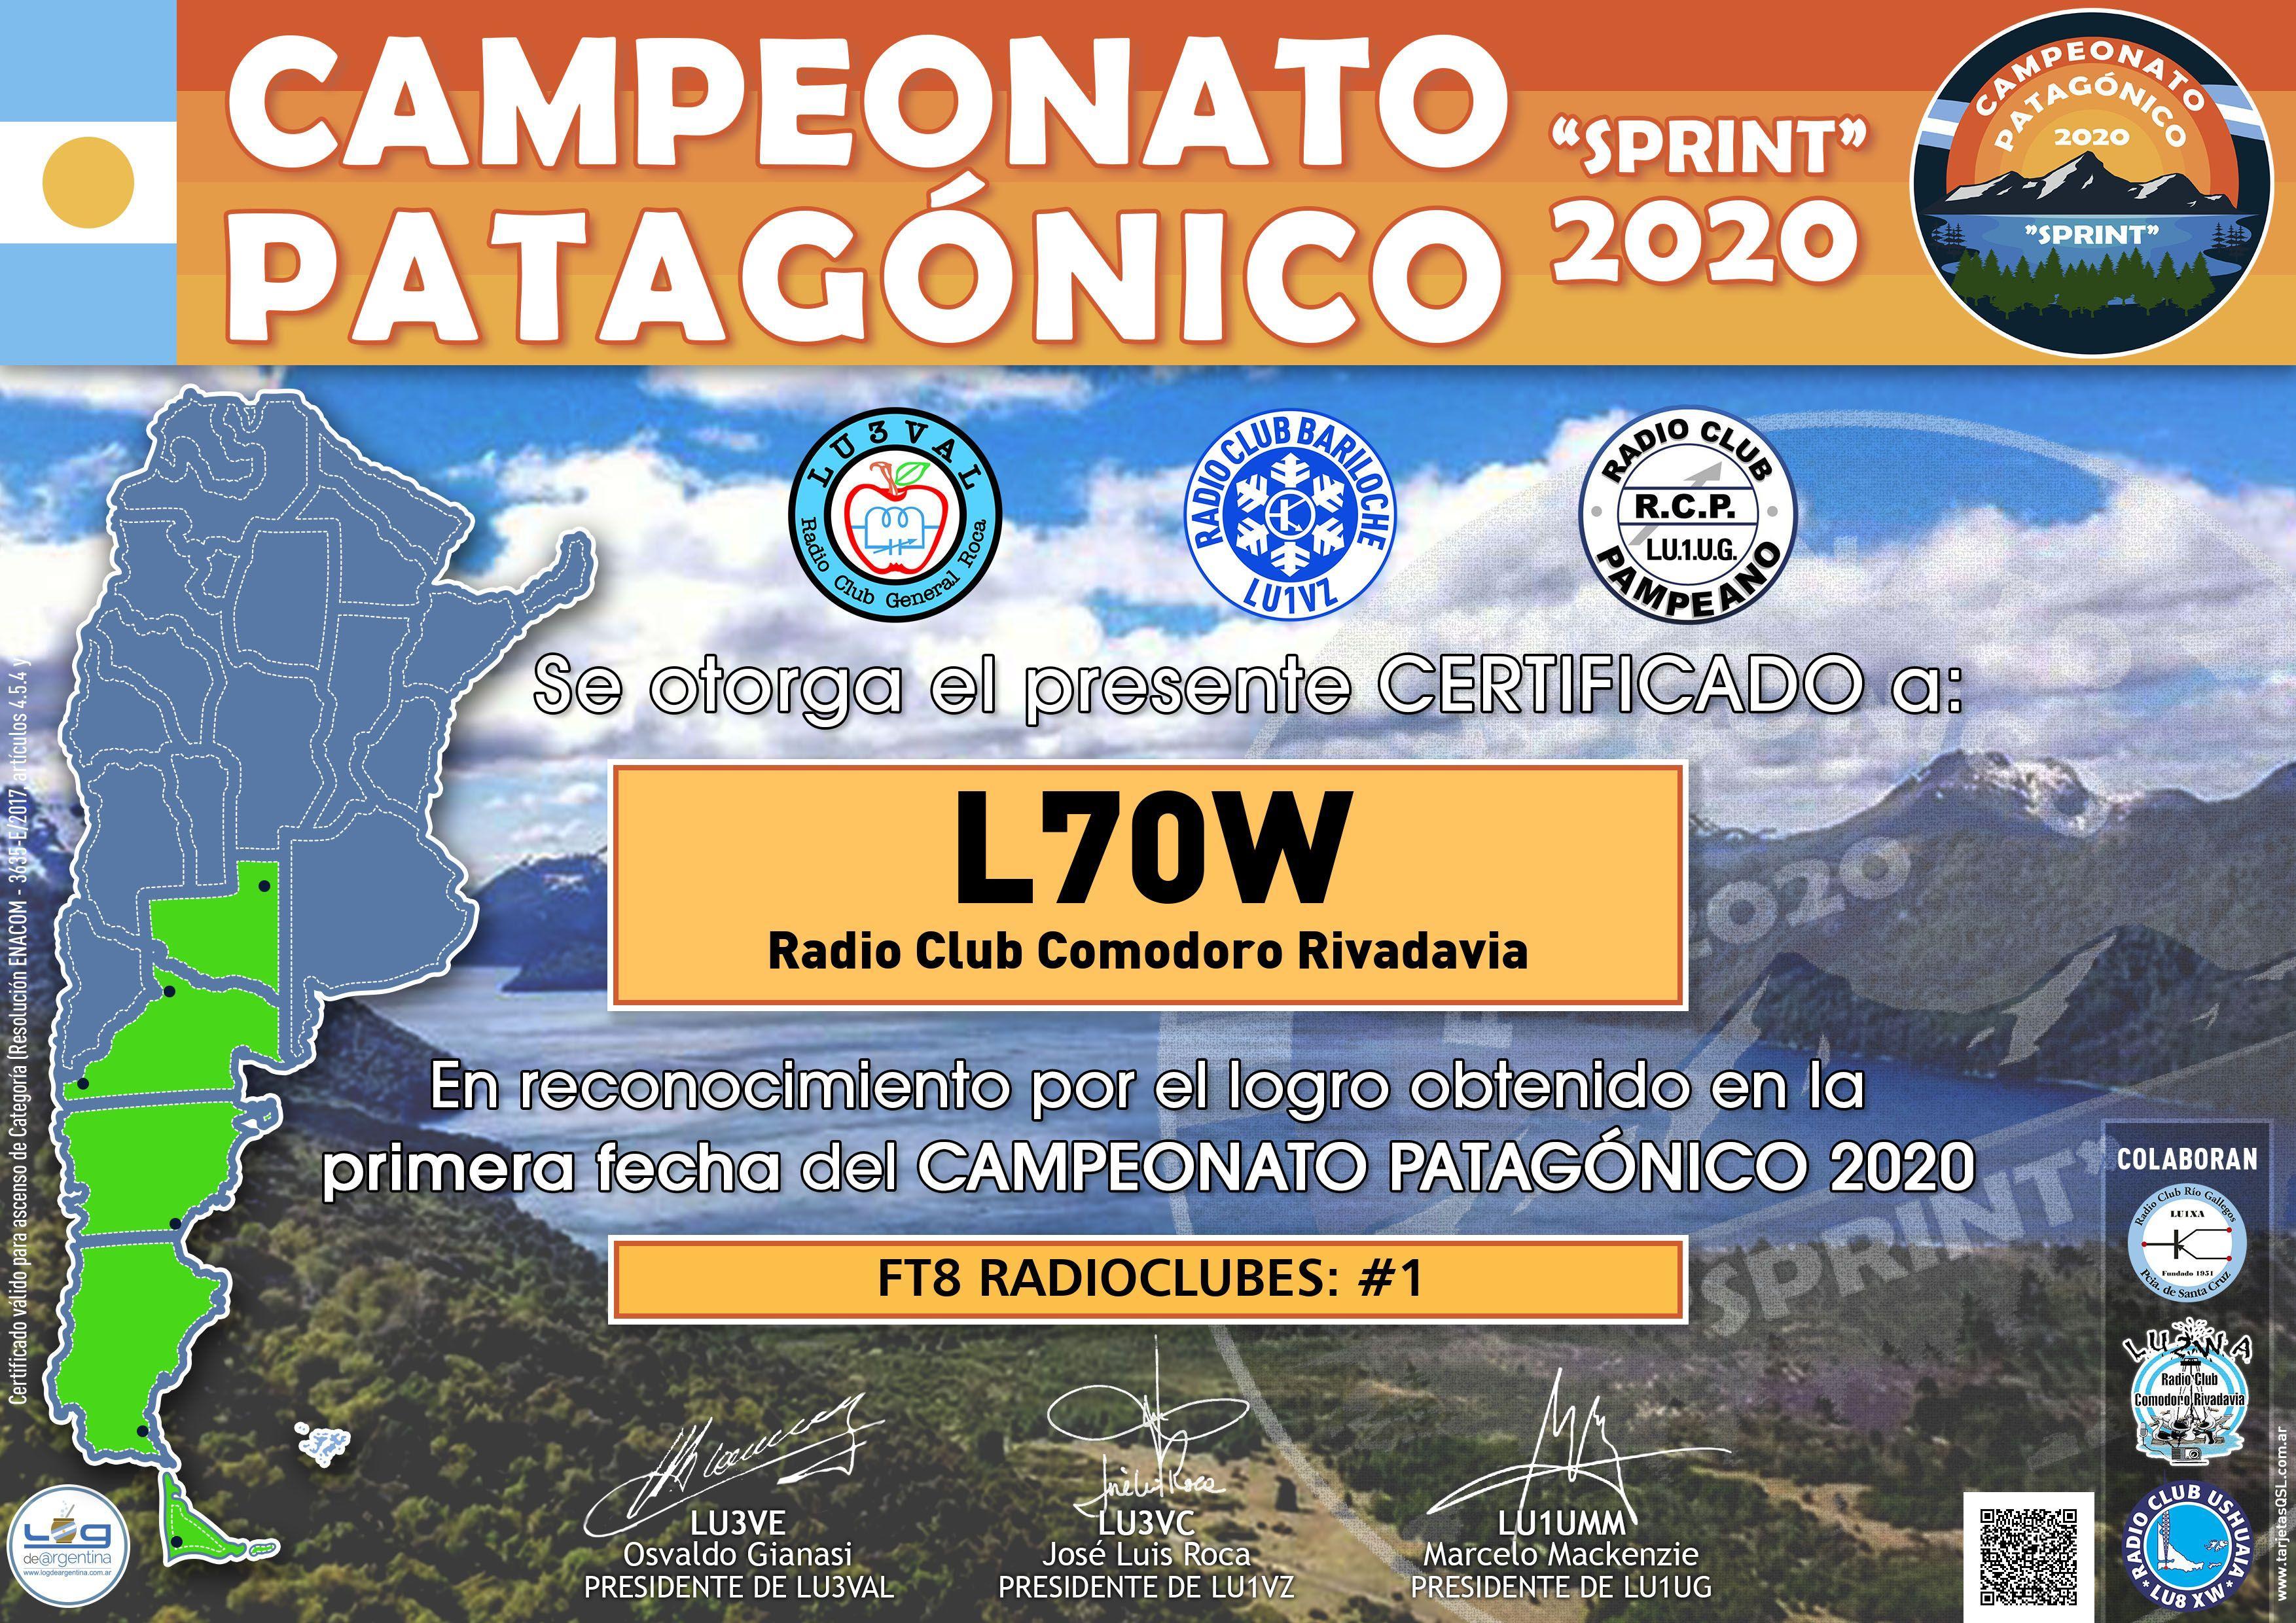 Resultados 1ra. Fecha Campeonato Patagónico 2020